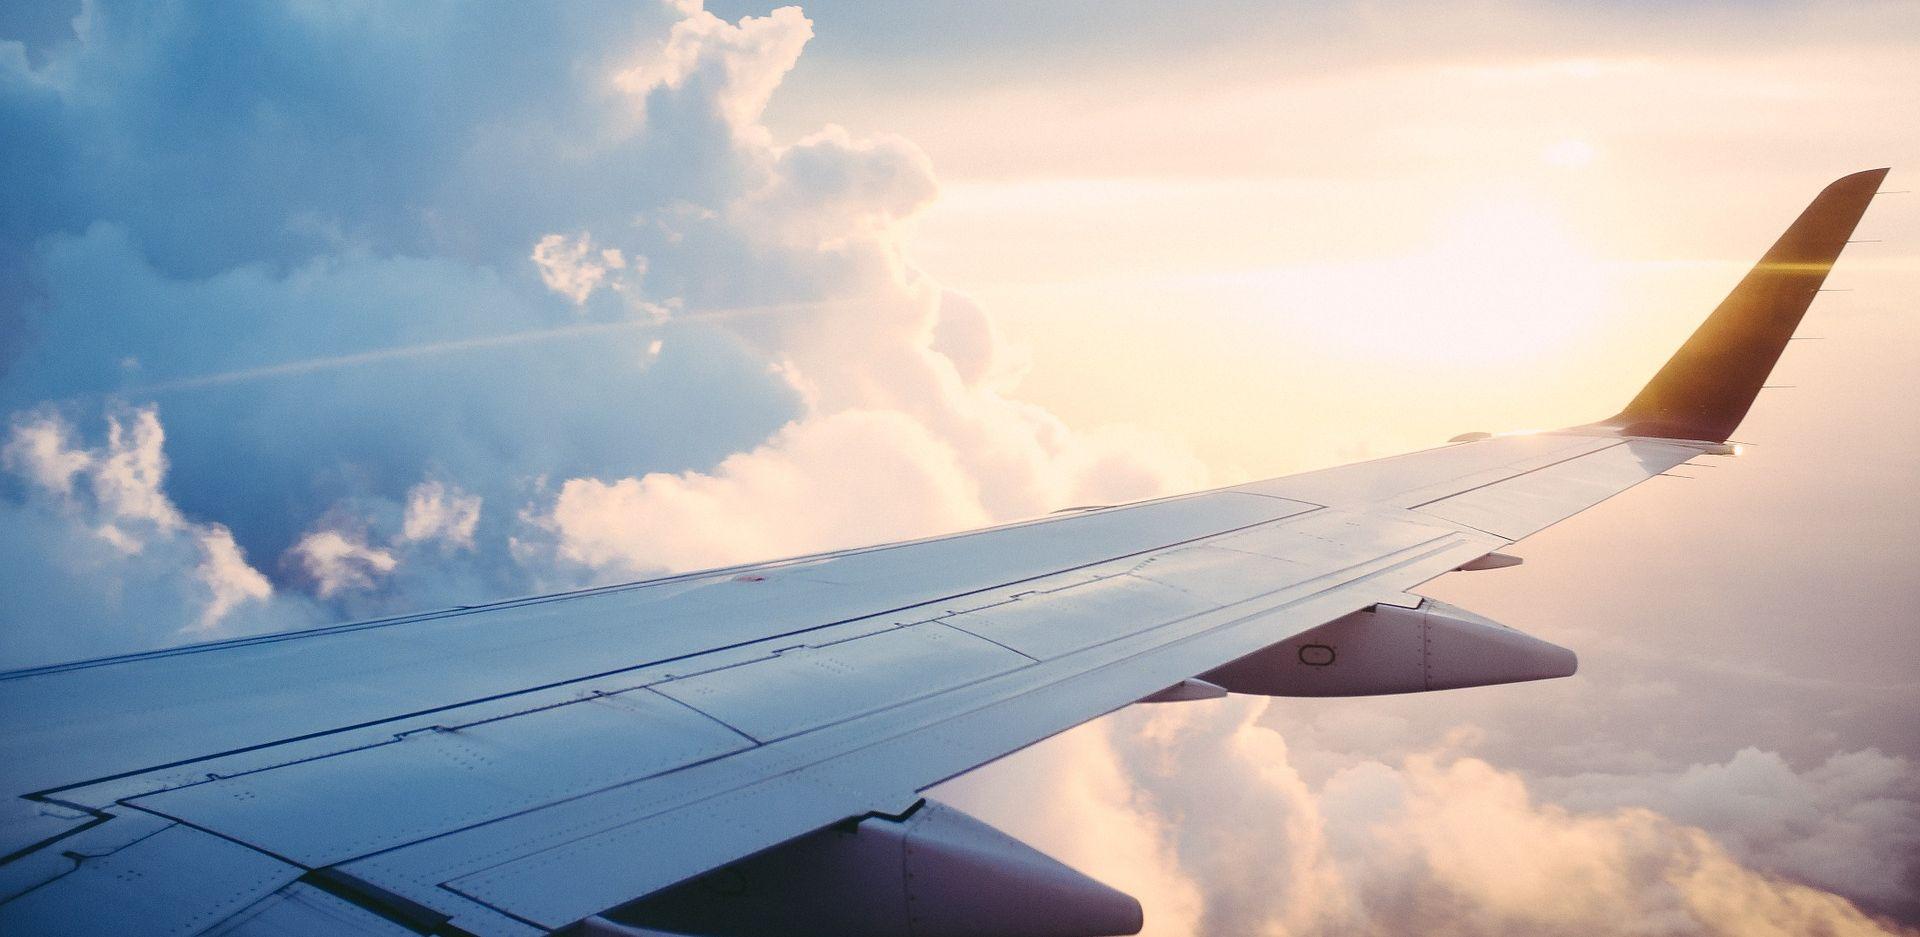 Ruski putnički zrakoplov prisilno sletio zbog pokušaja otmice